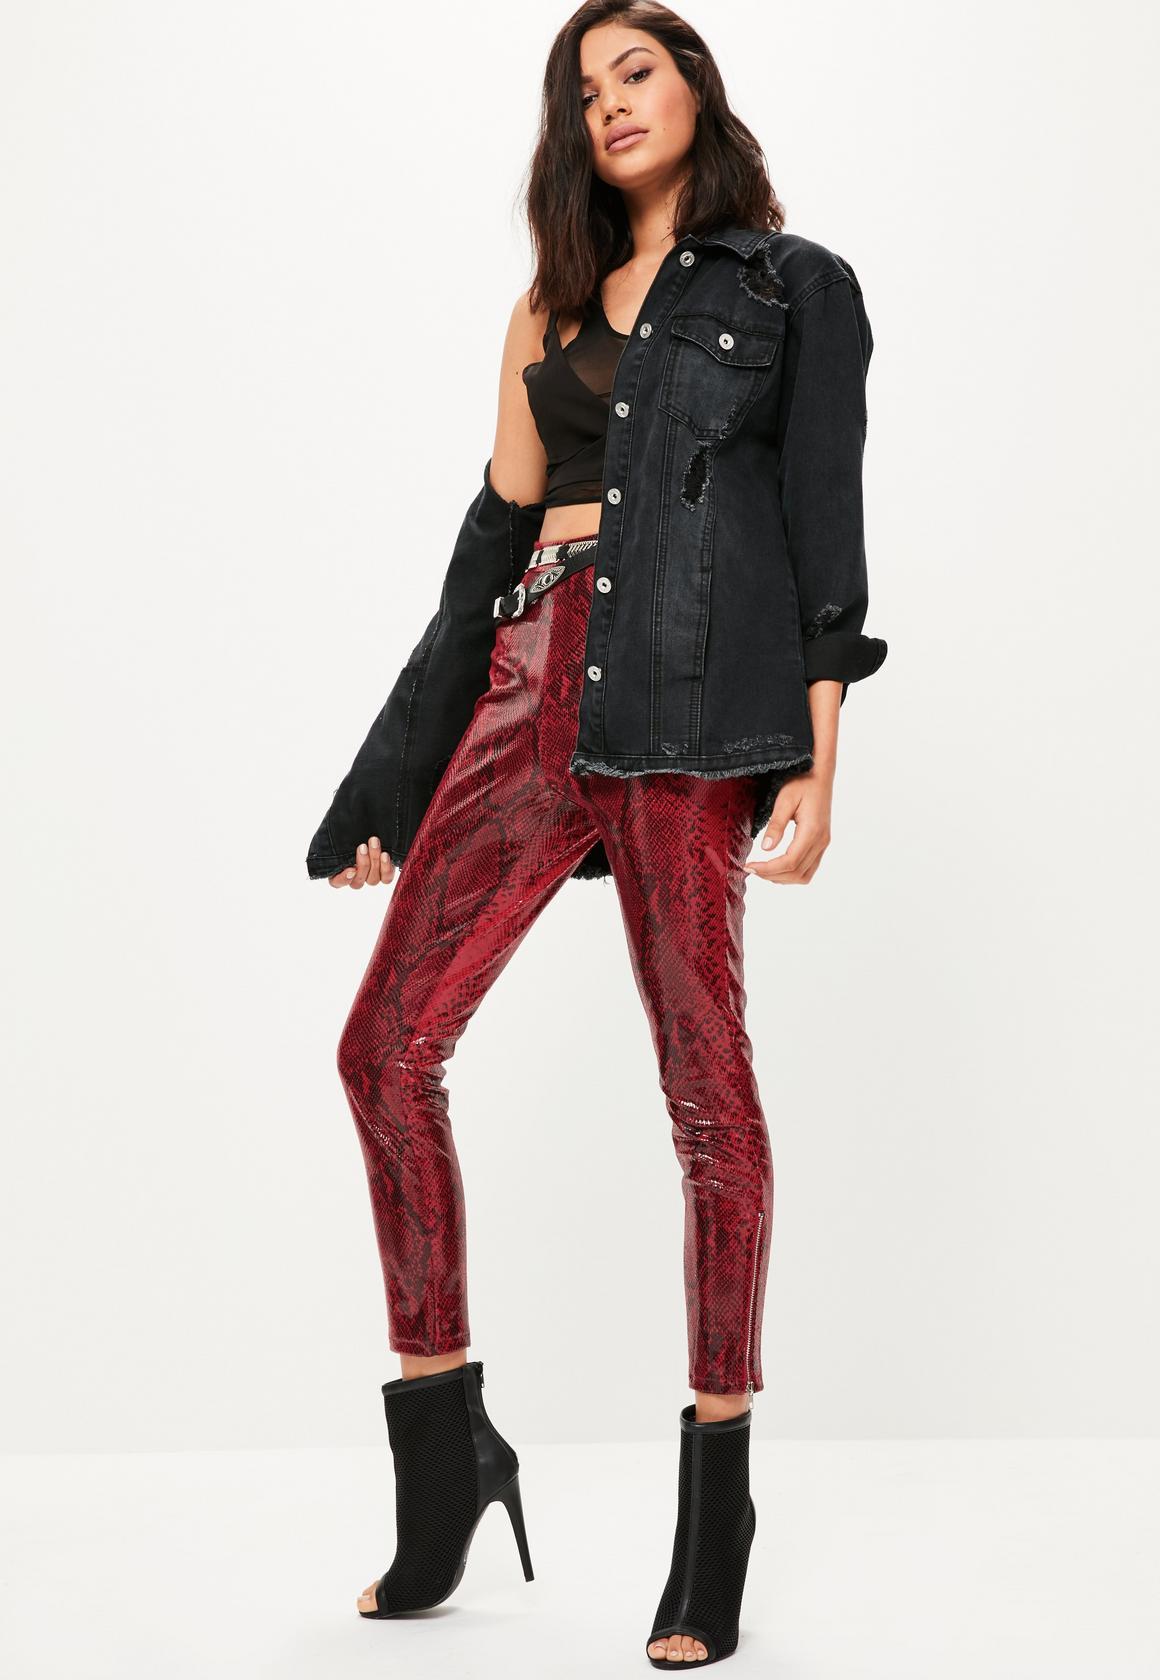 red-leggings-black-crop-top-black-crop-top-black-jacket-jean-oversized-snakeskin-leather-black-shoe-booties-fall-winter-brun-dinner.jpg